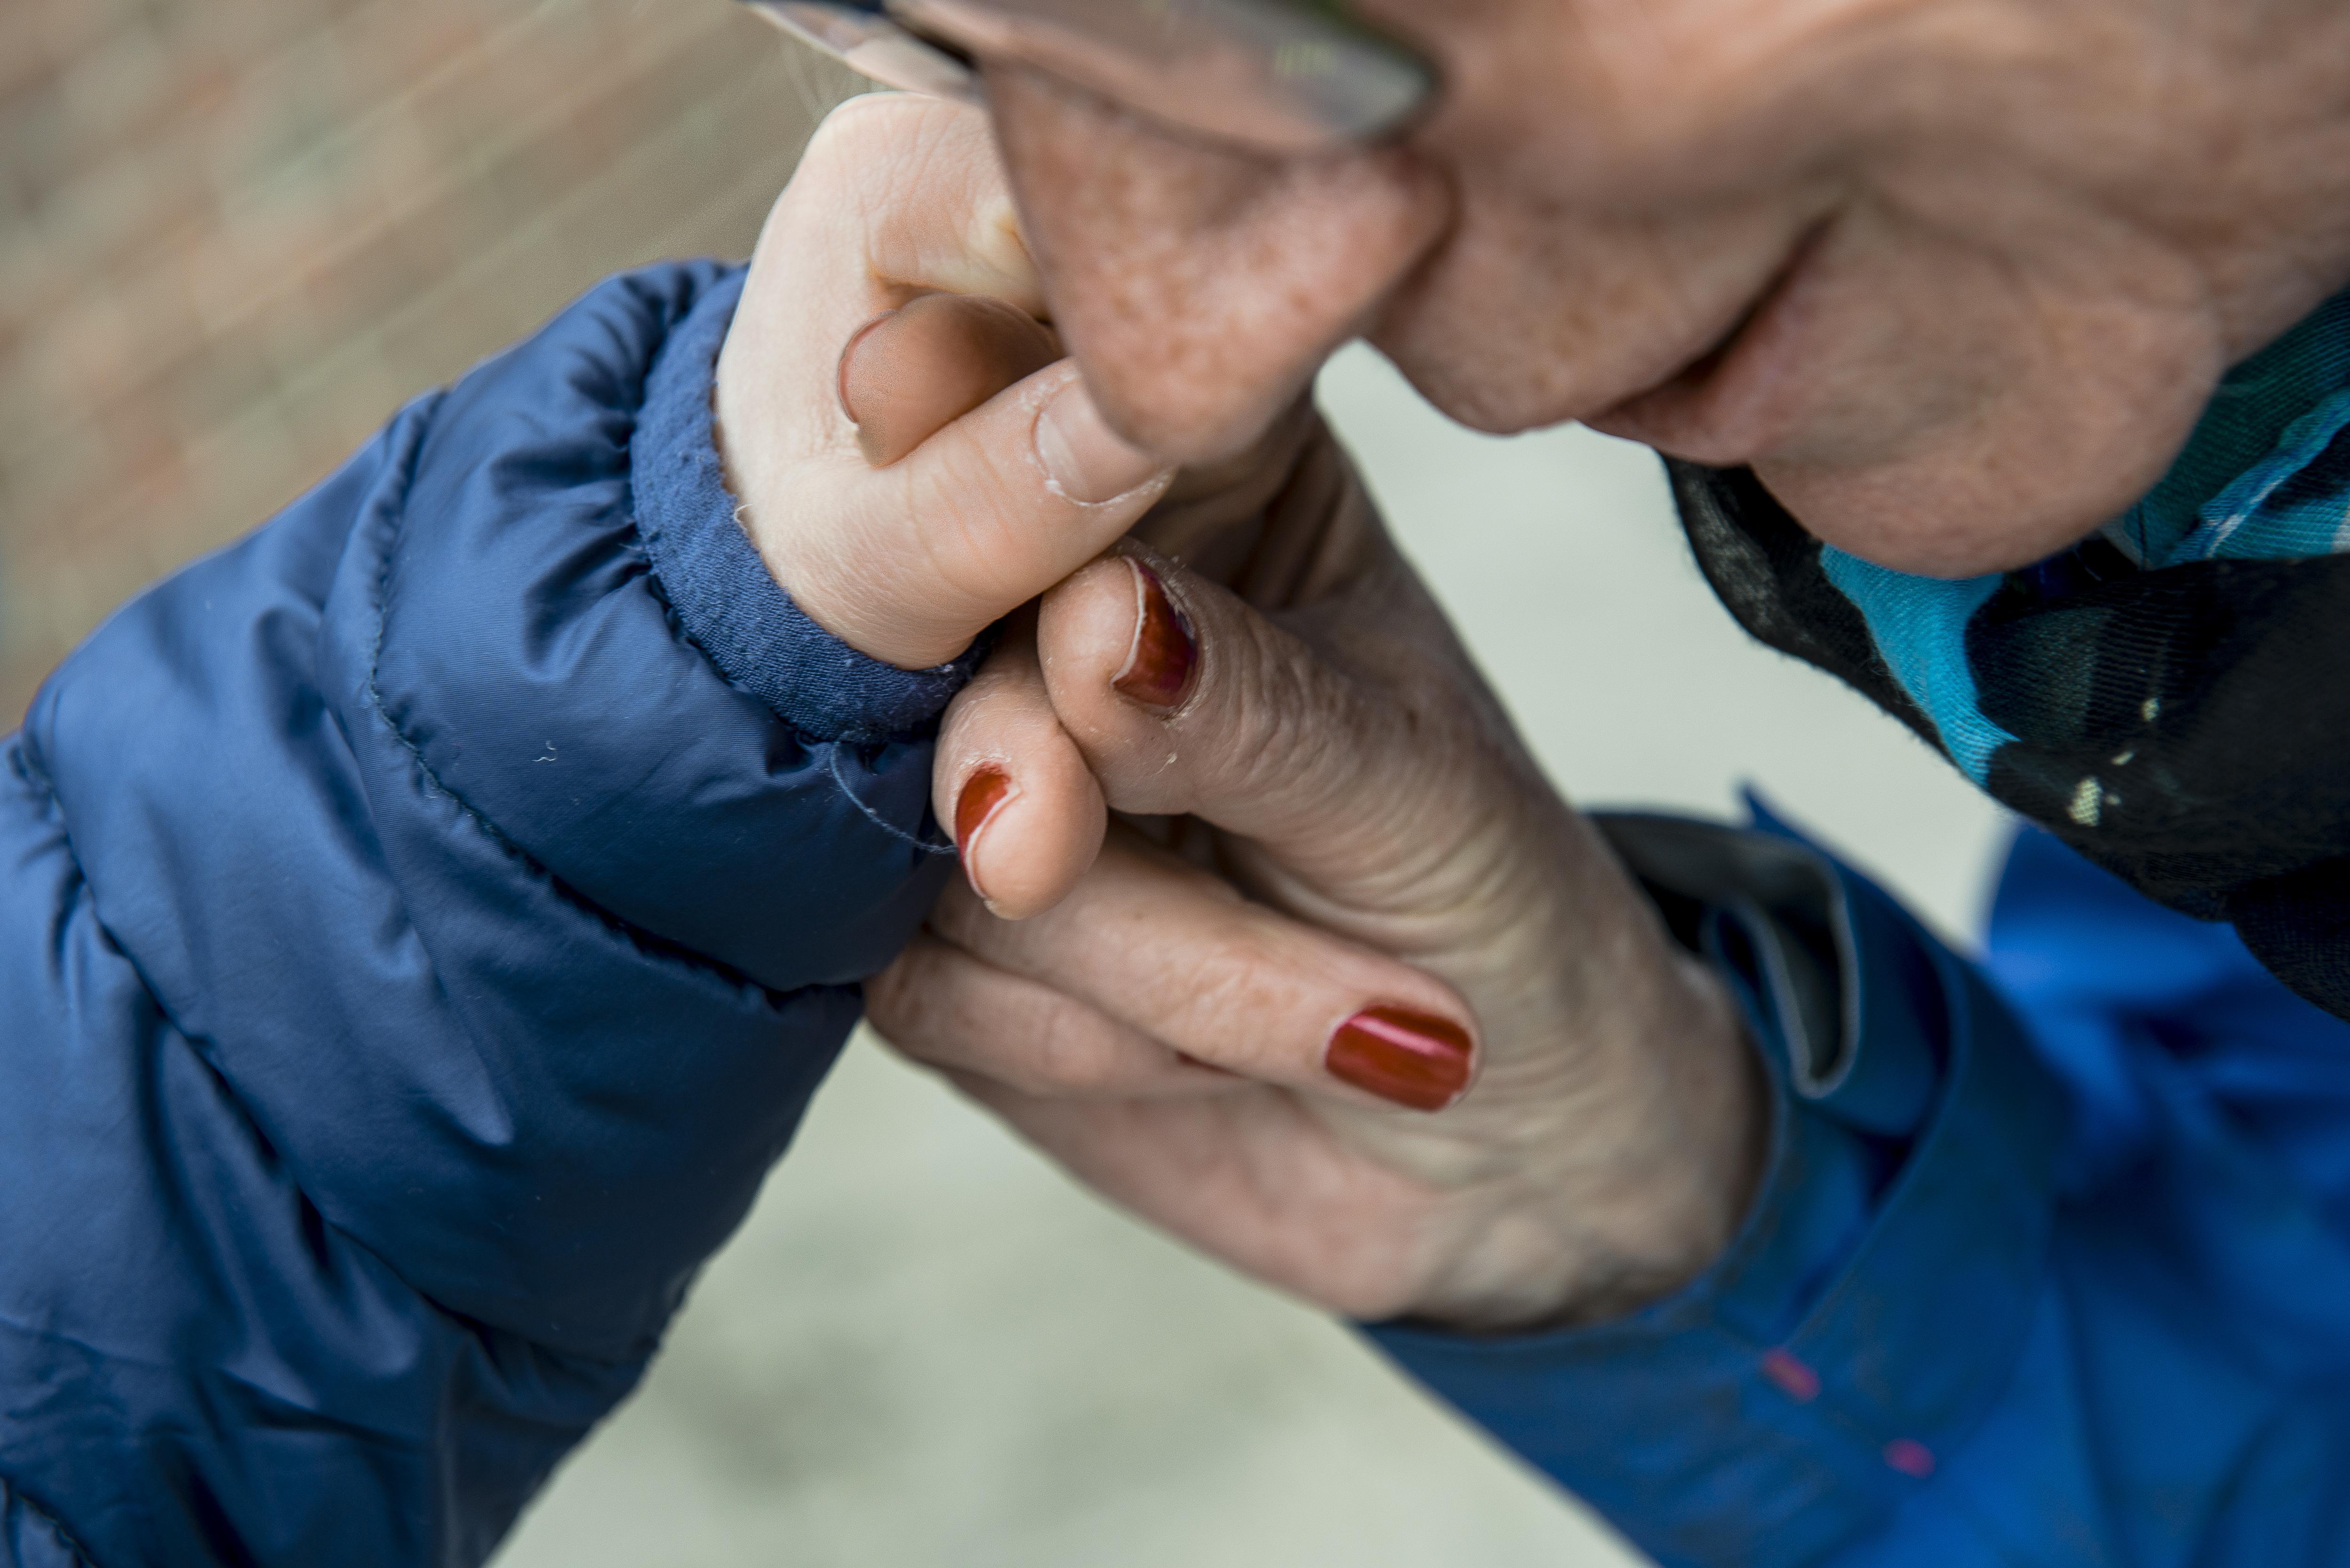 Barnehånd som holder en voksen sin hånd og stryker den voksne kinnet